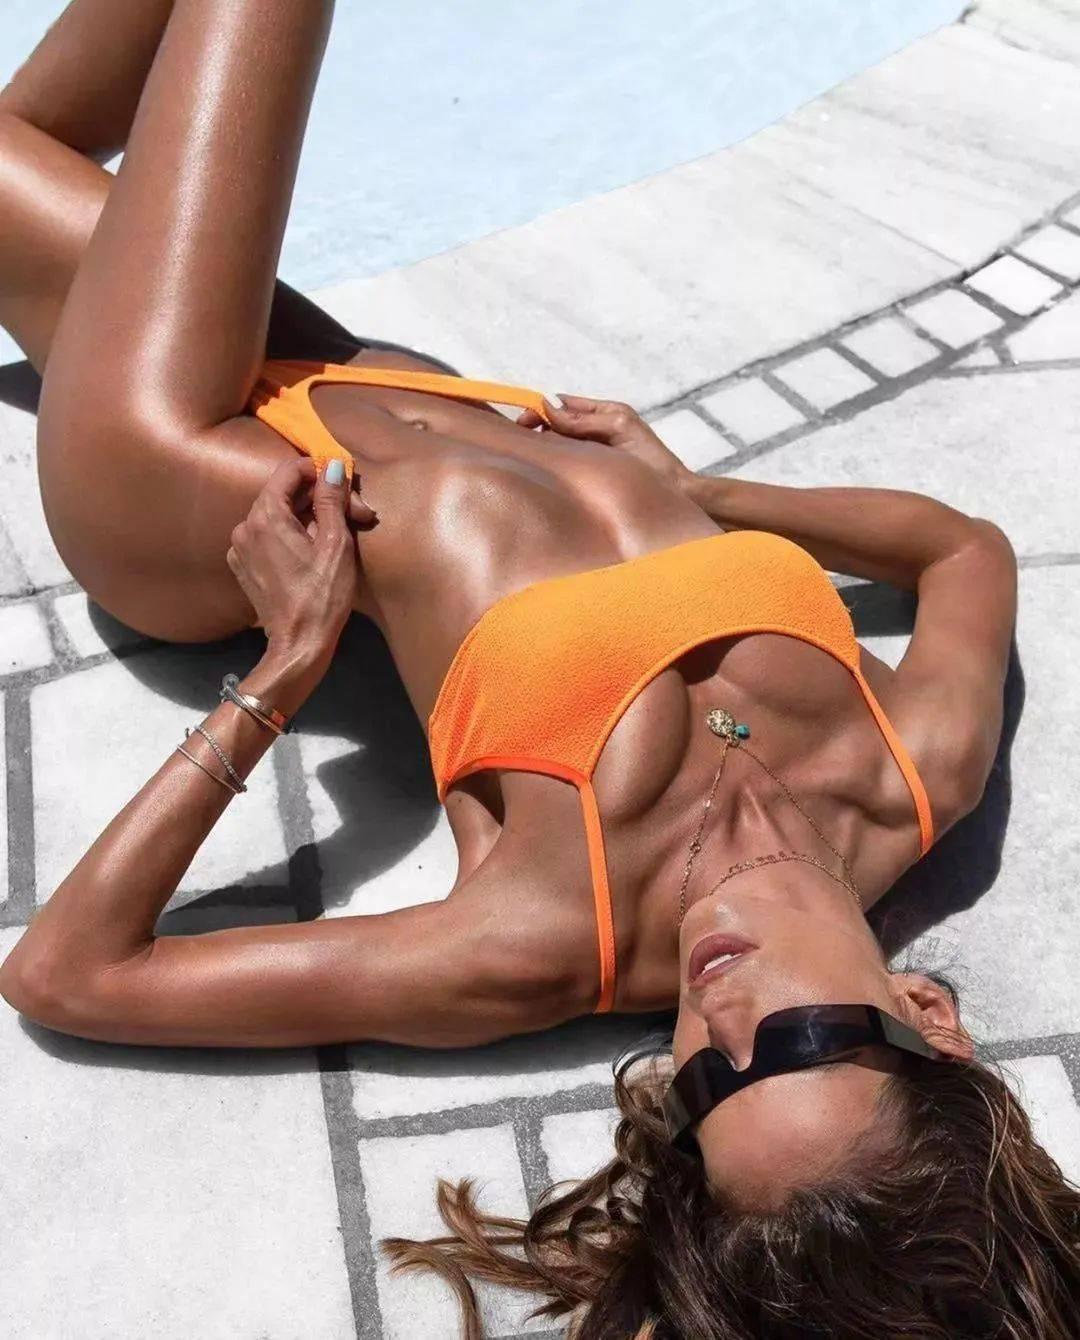 不晒自拍晒腹肌,36岁的她单靠背影就秒杀了大半个时尚圈!